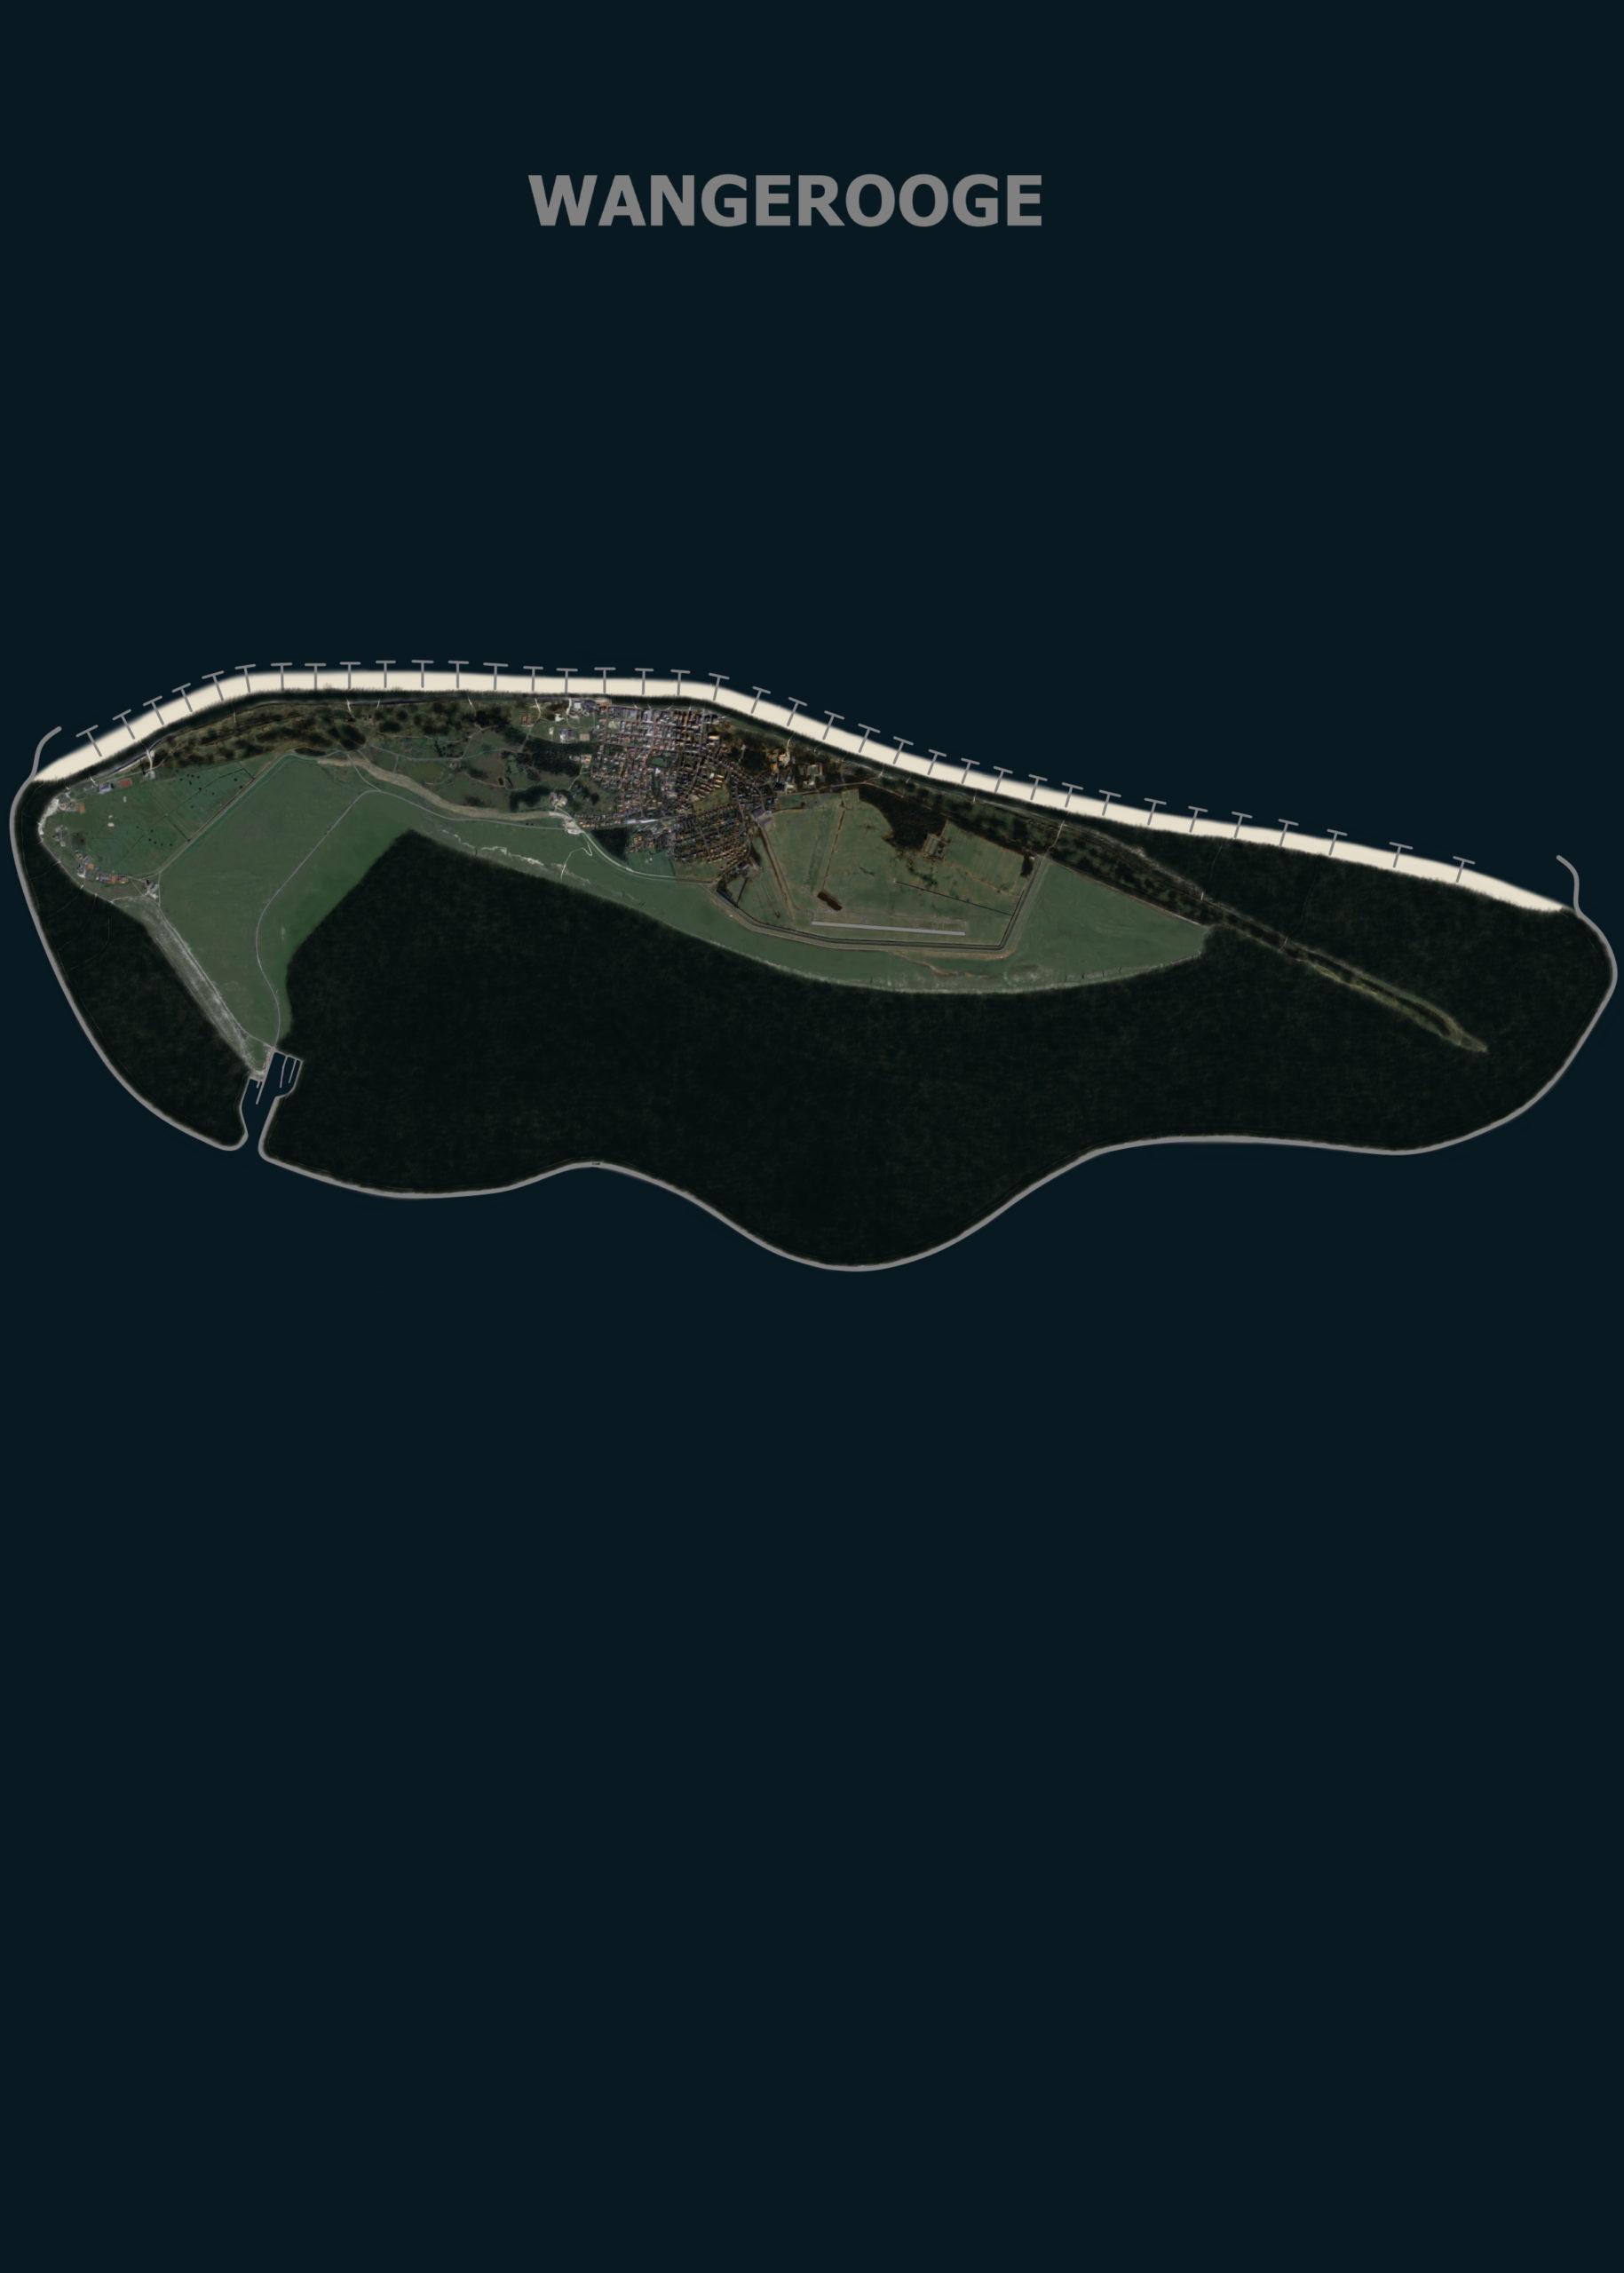 Wangerooge, landgewinnung, küstenschutz, insel, eindeichung, naturschutz, sturmflut, vergrößerung